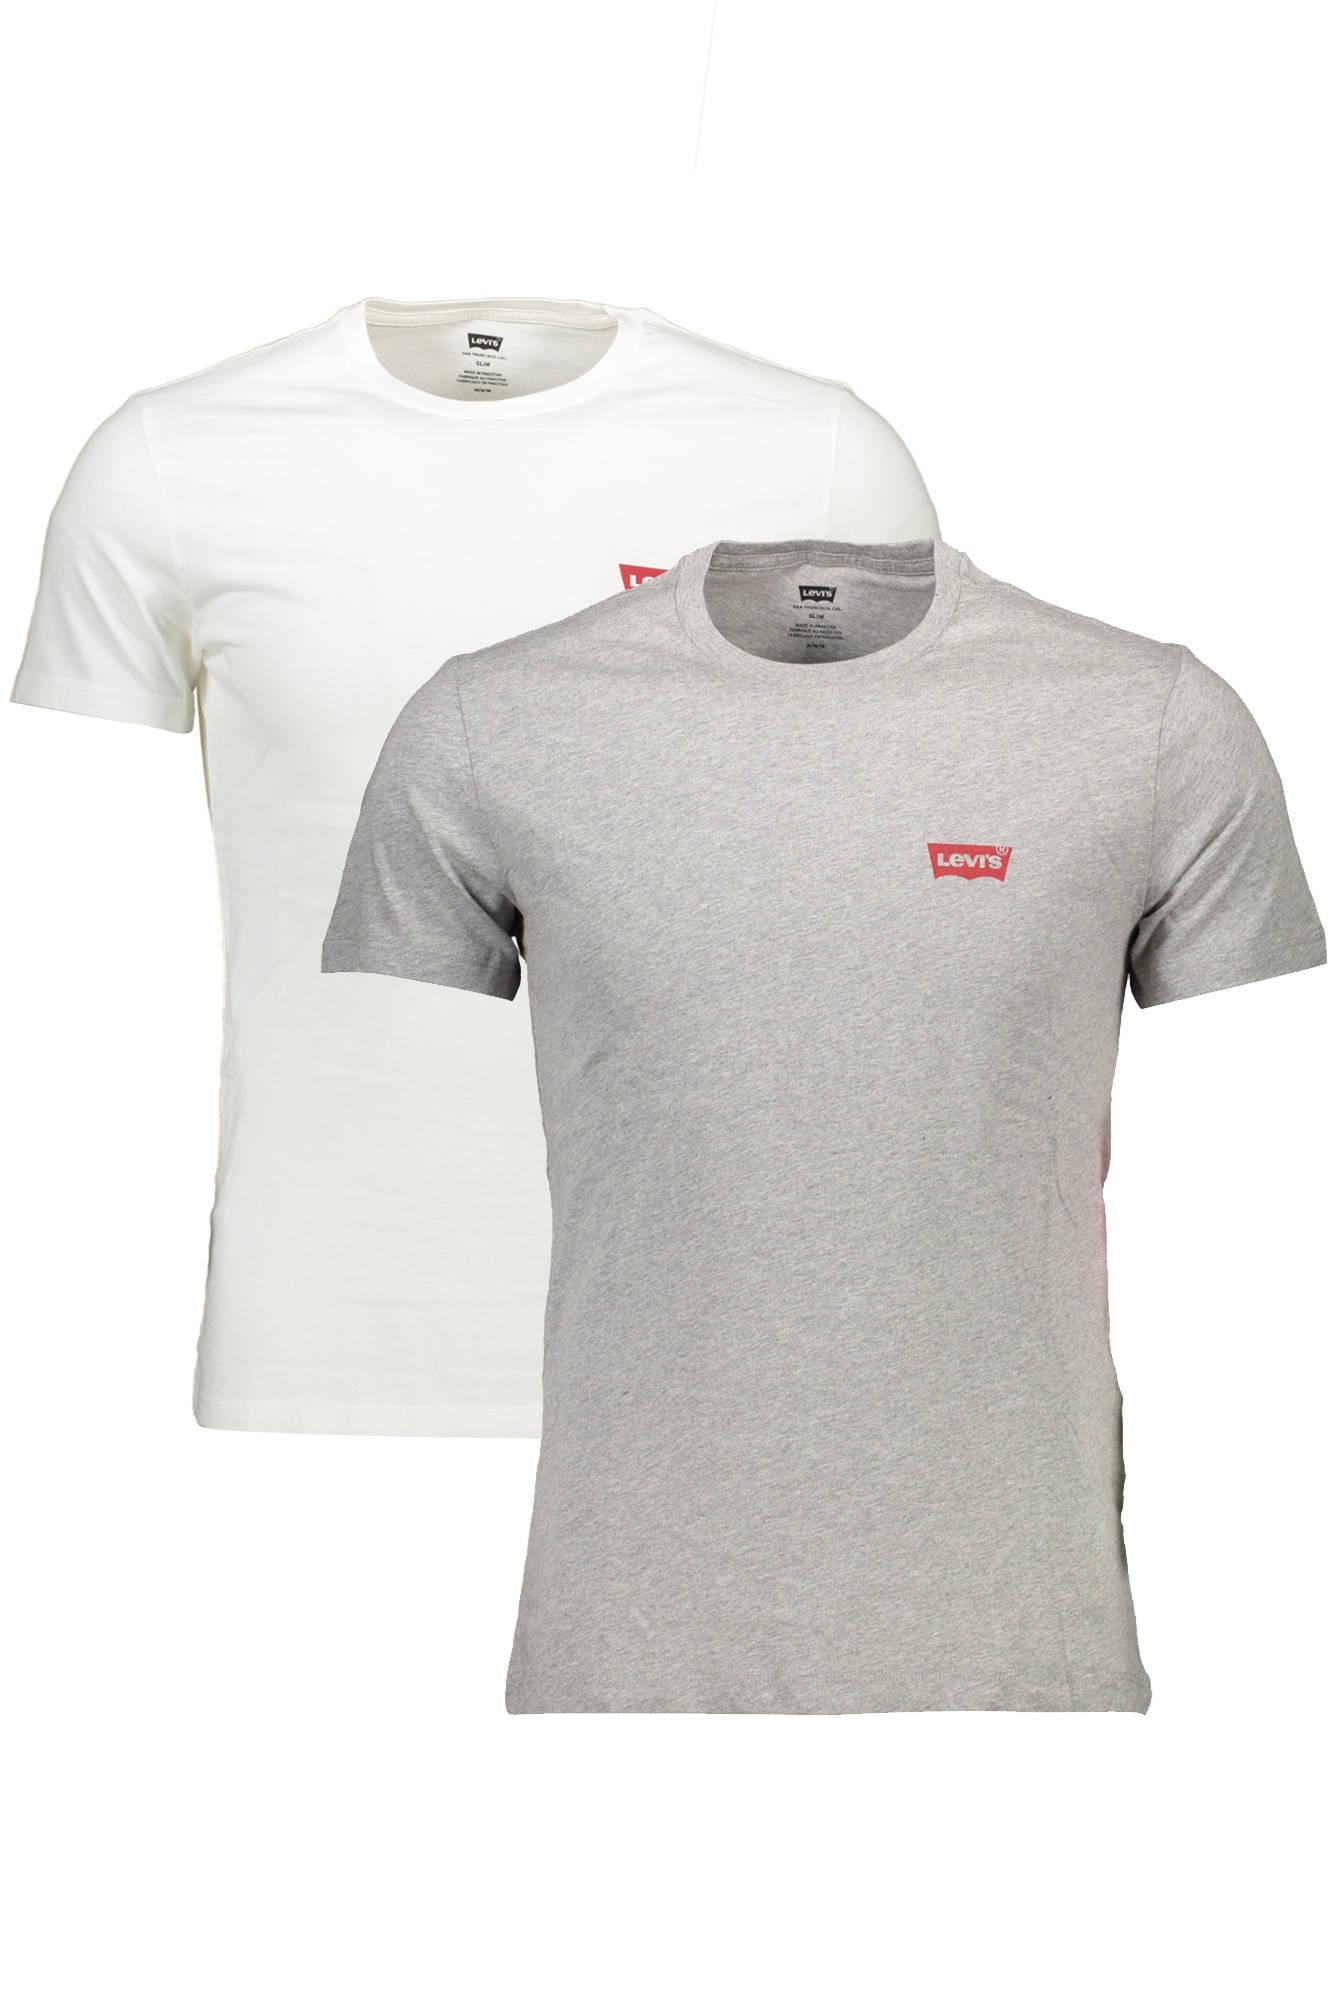 Tričko LEVI'S tričko s krátkým rukávem BIANCO